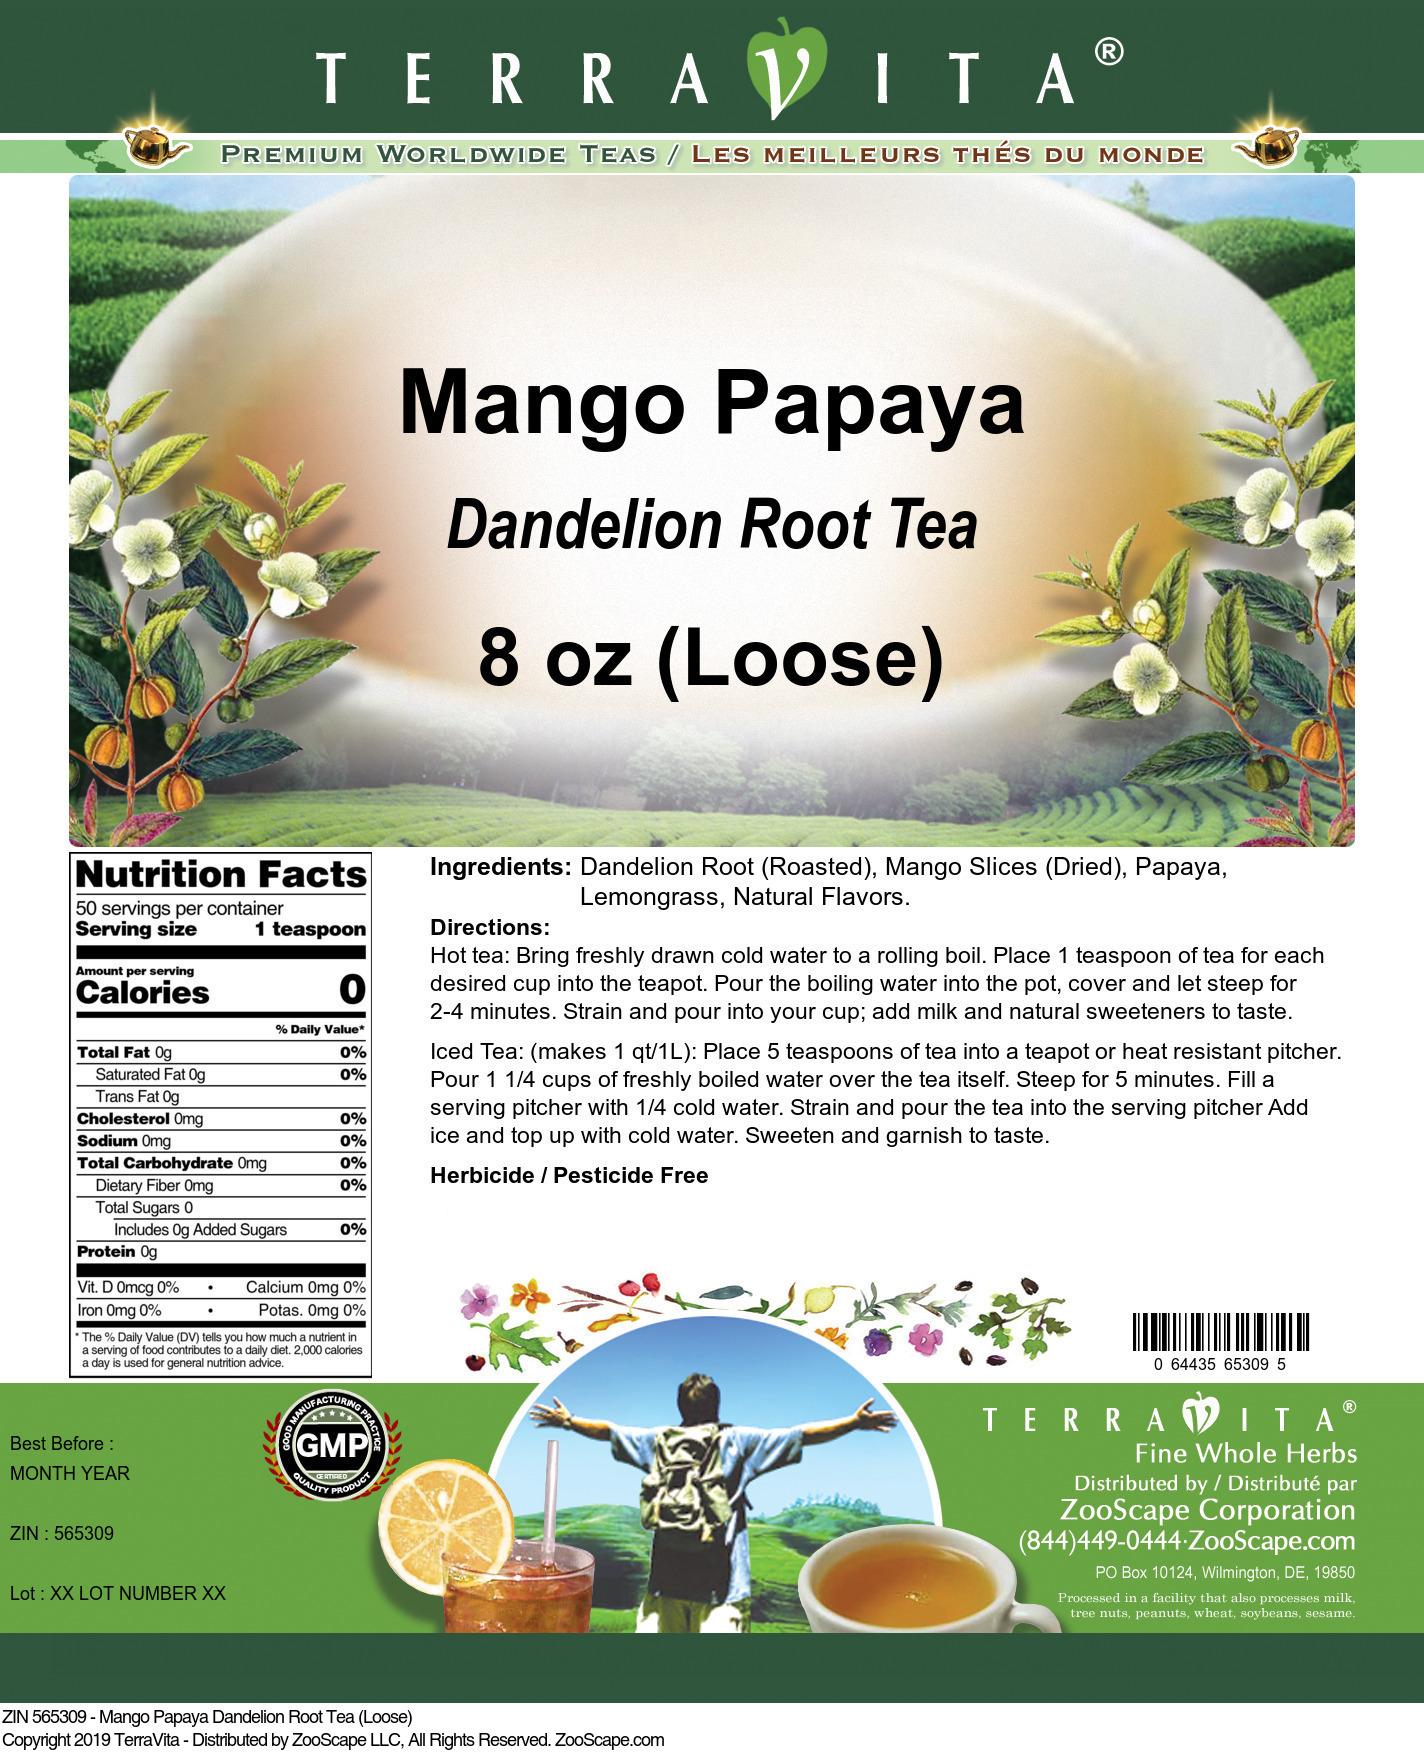 Mango Papaya Dandelion Root